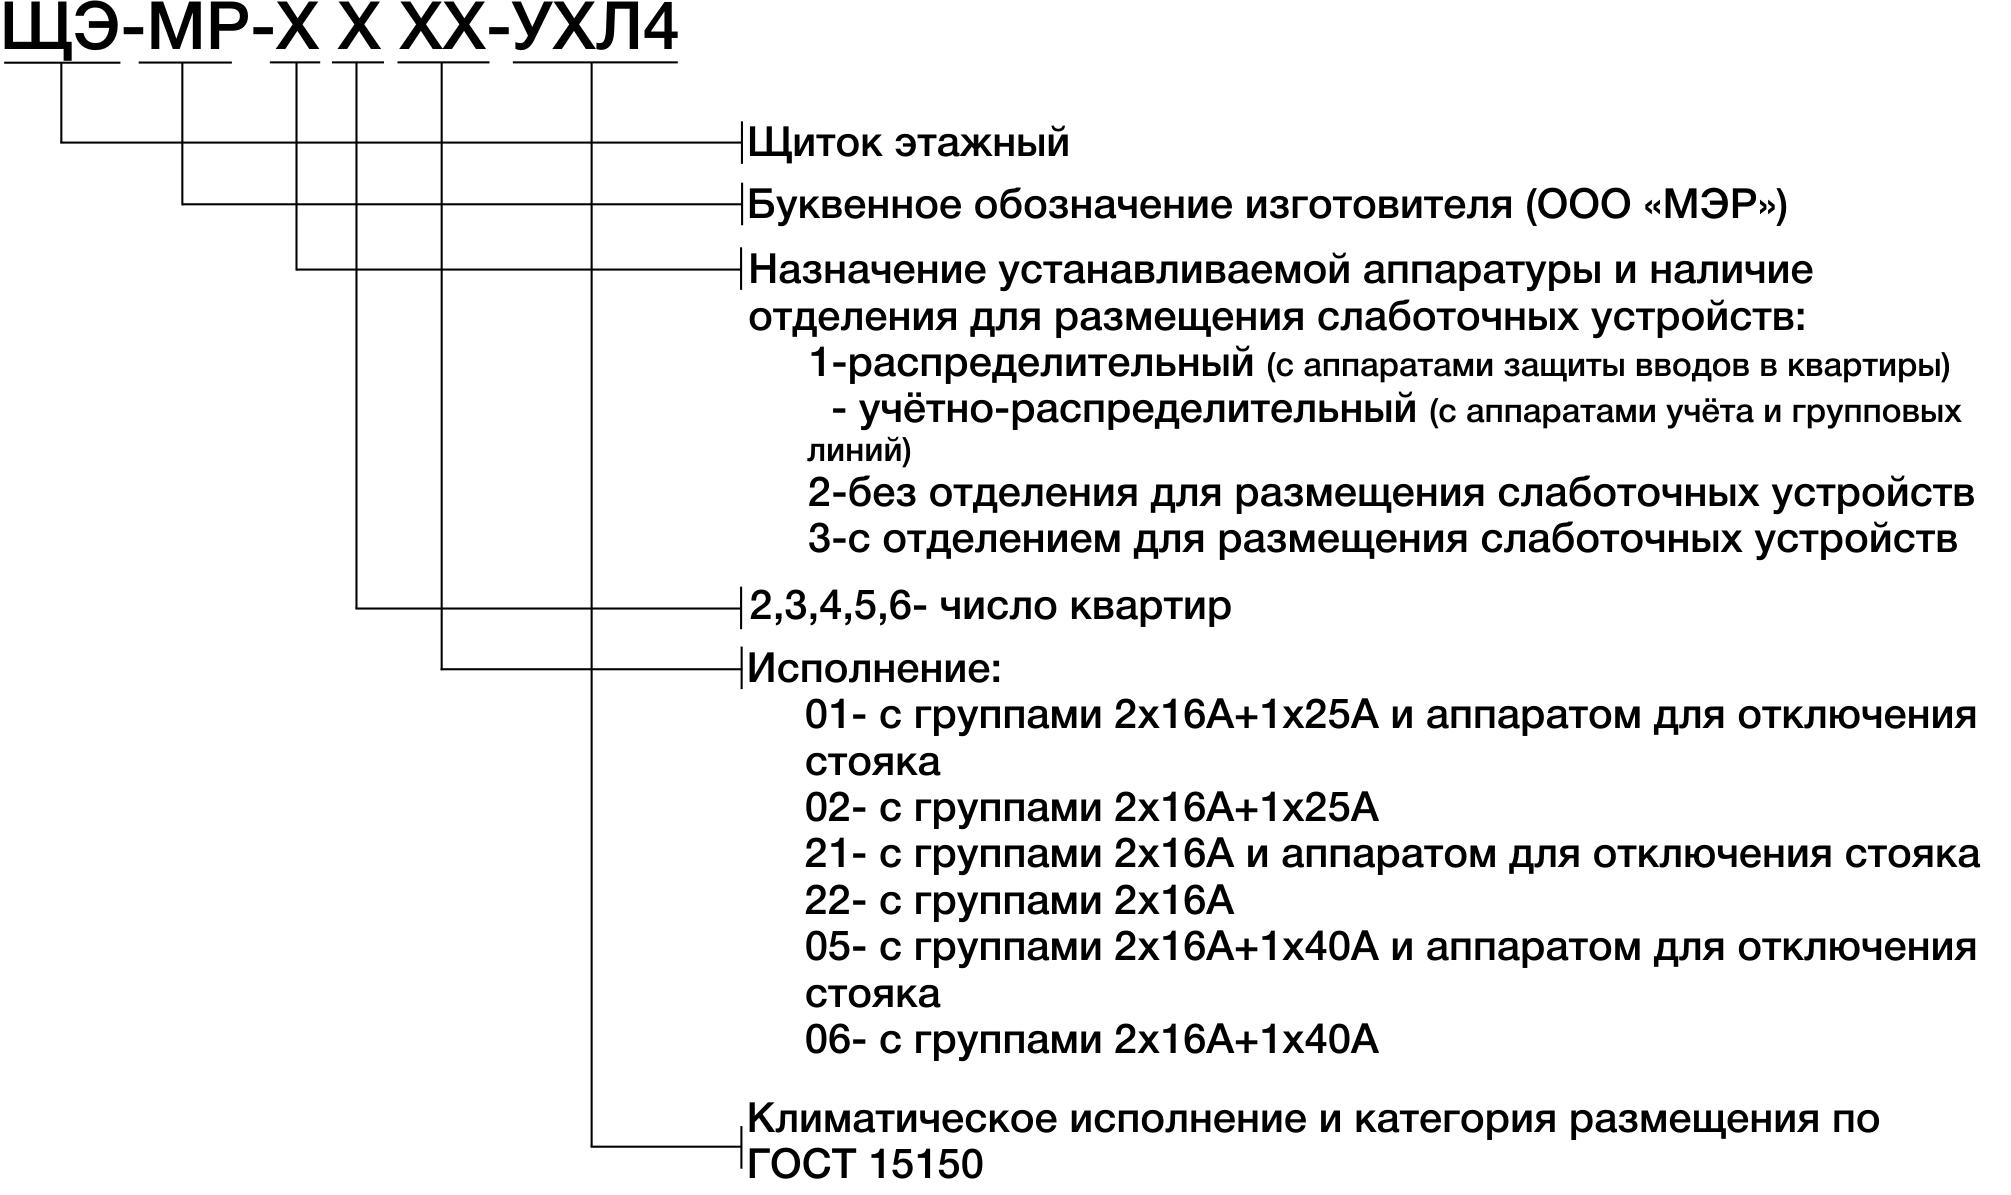 Структура условного обозначения этажных щитков ЩЭ-МР